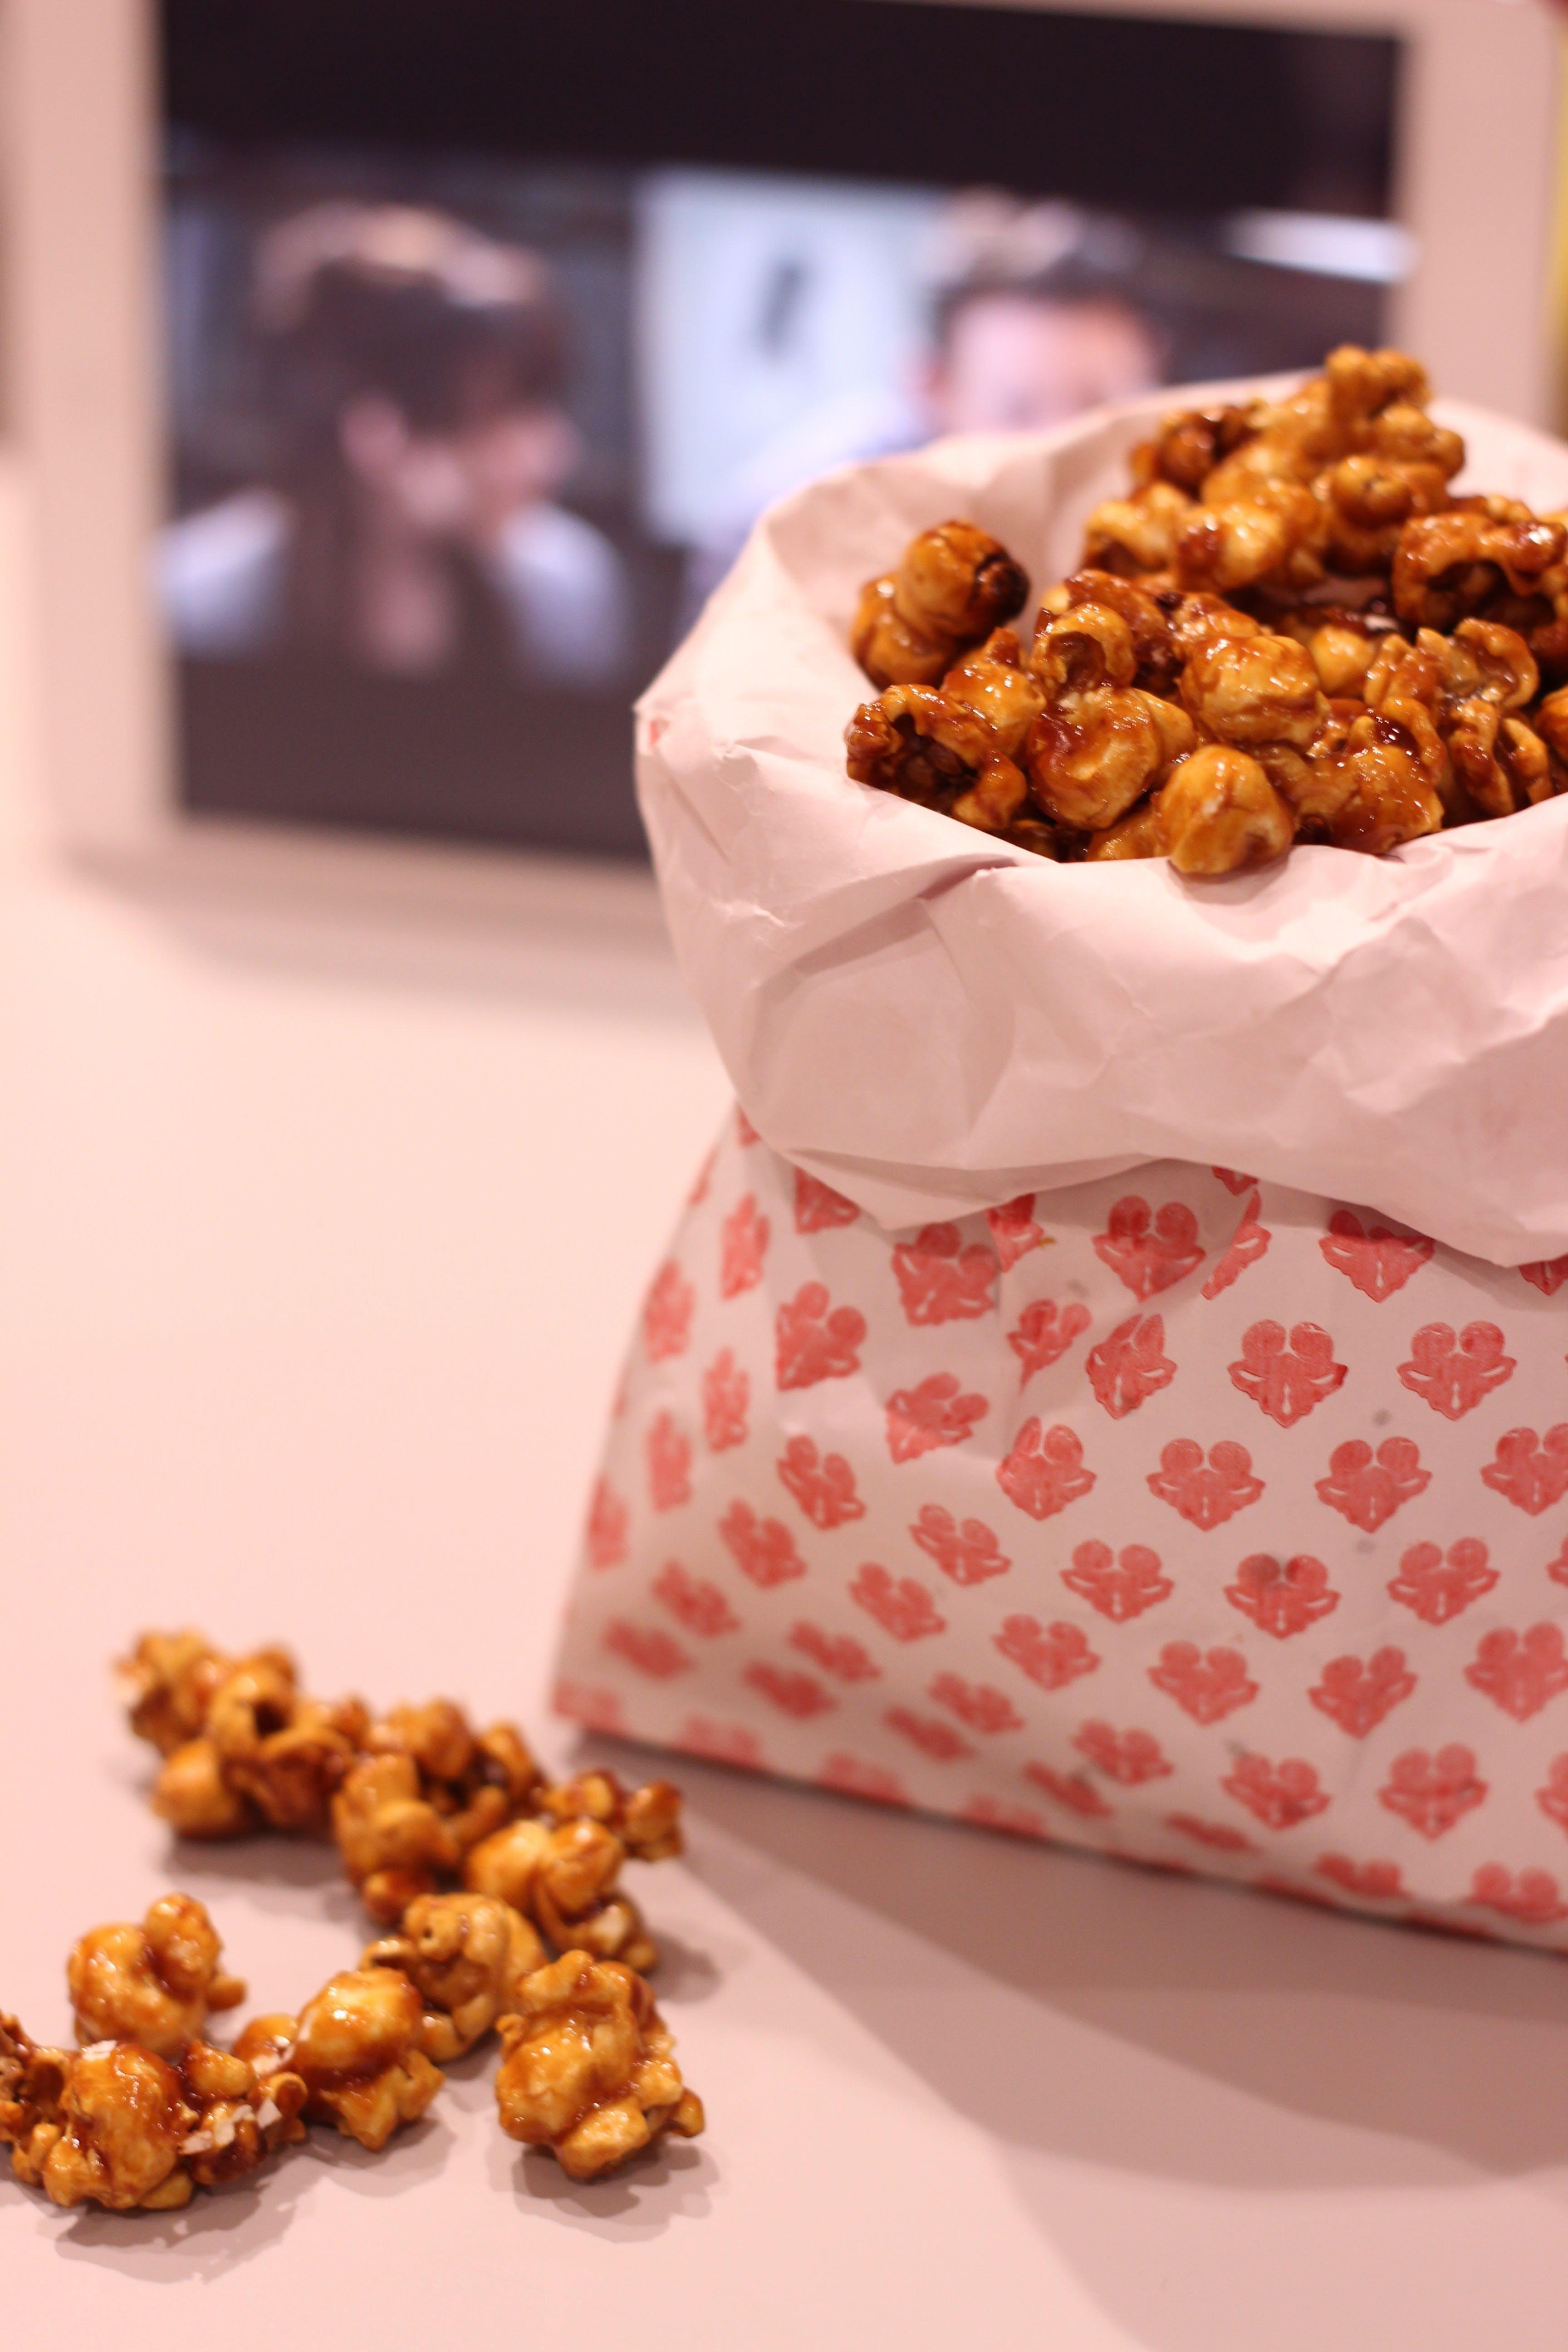 Kostenloses Stock Foto zu caramel popcorn, essen, karamellisierten, popcorn